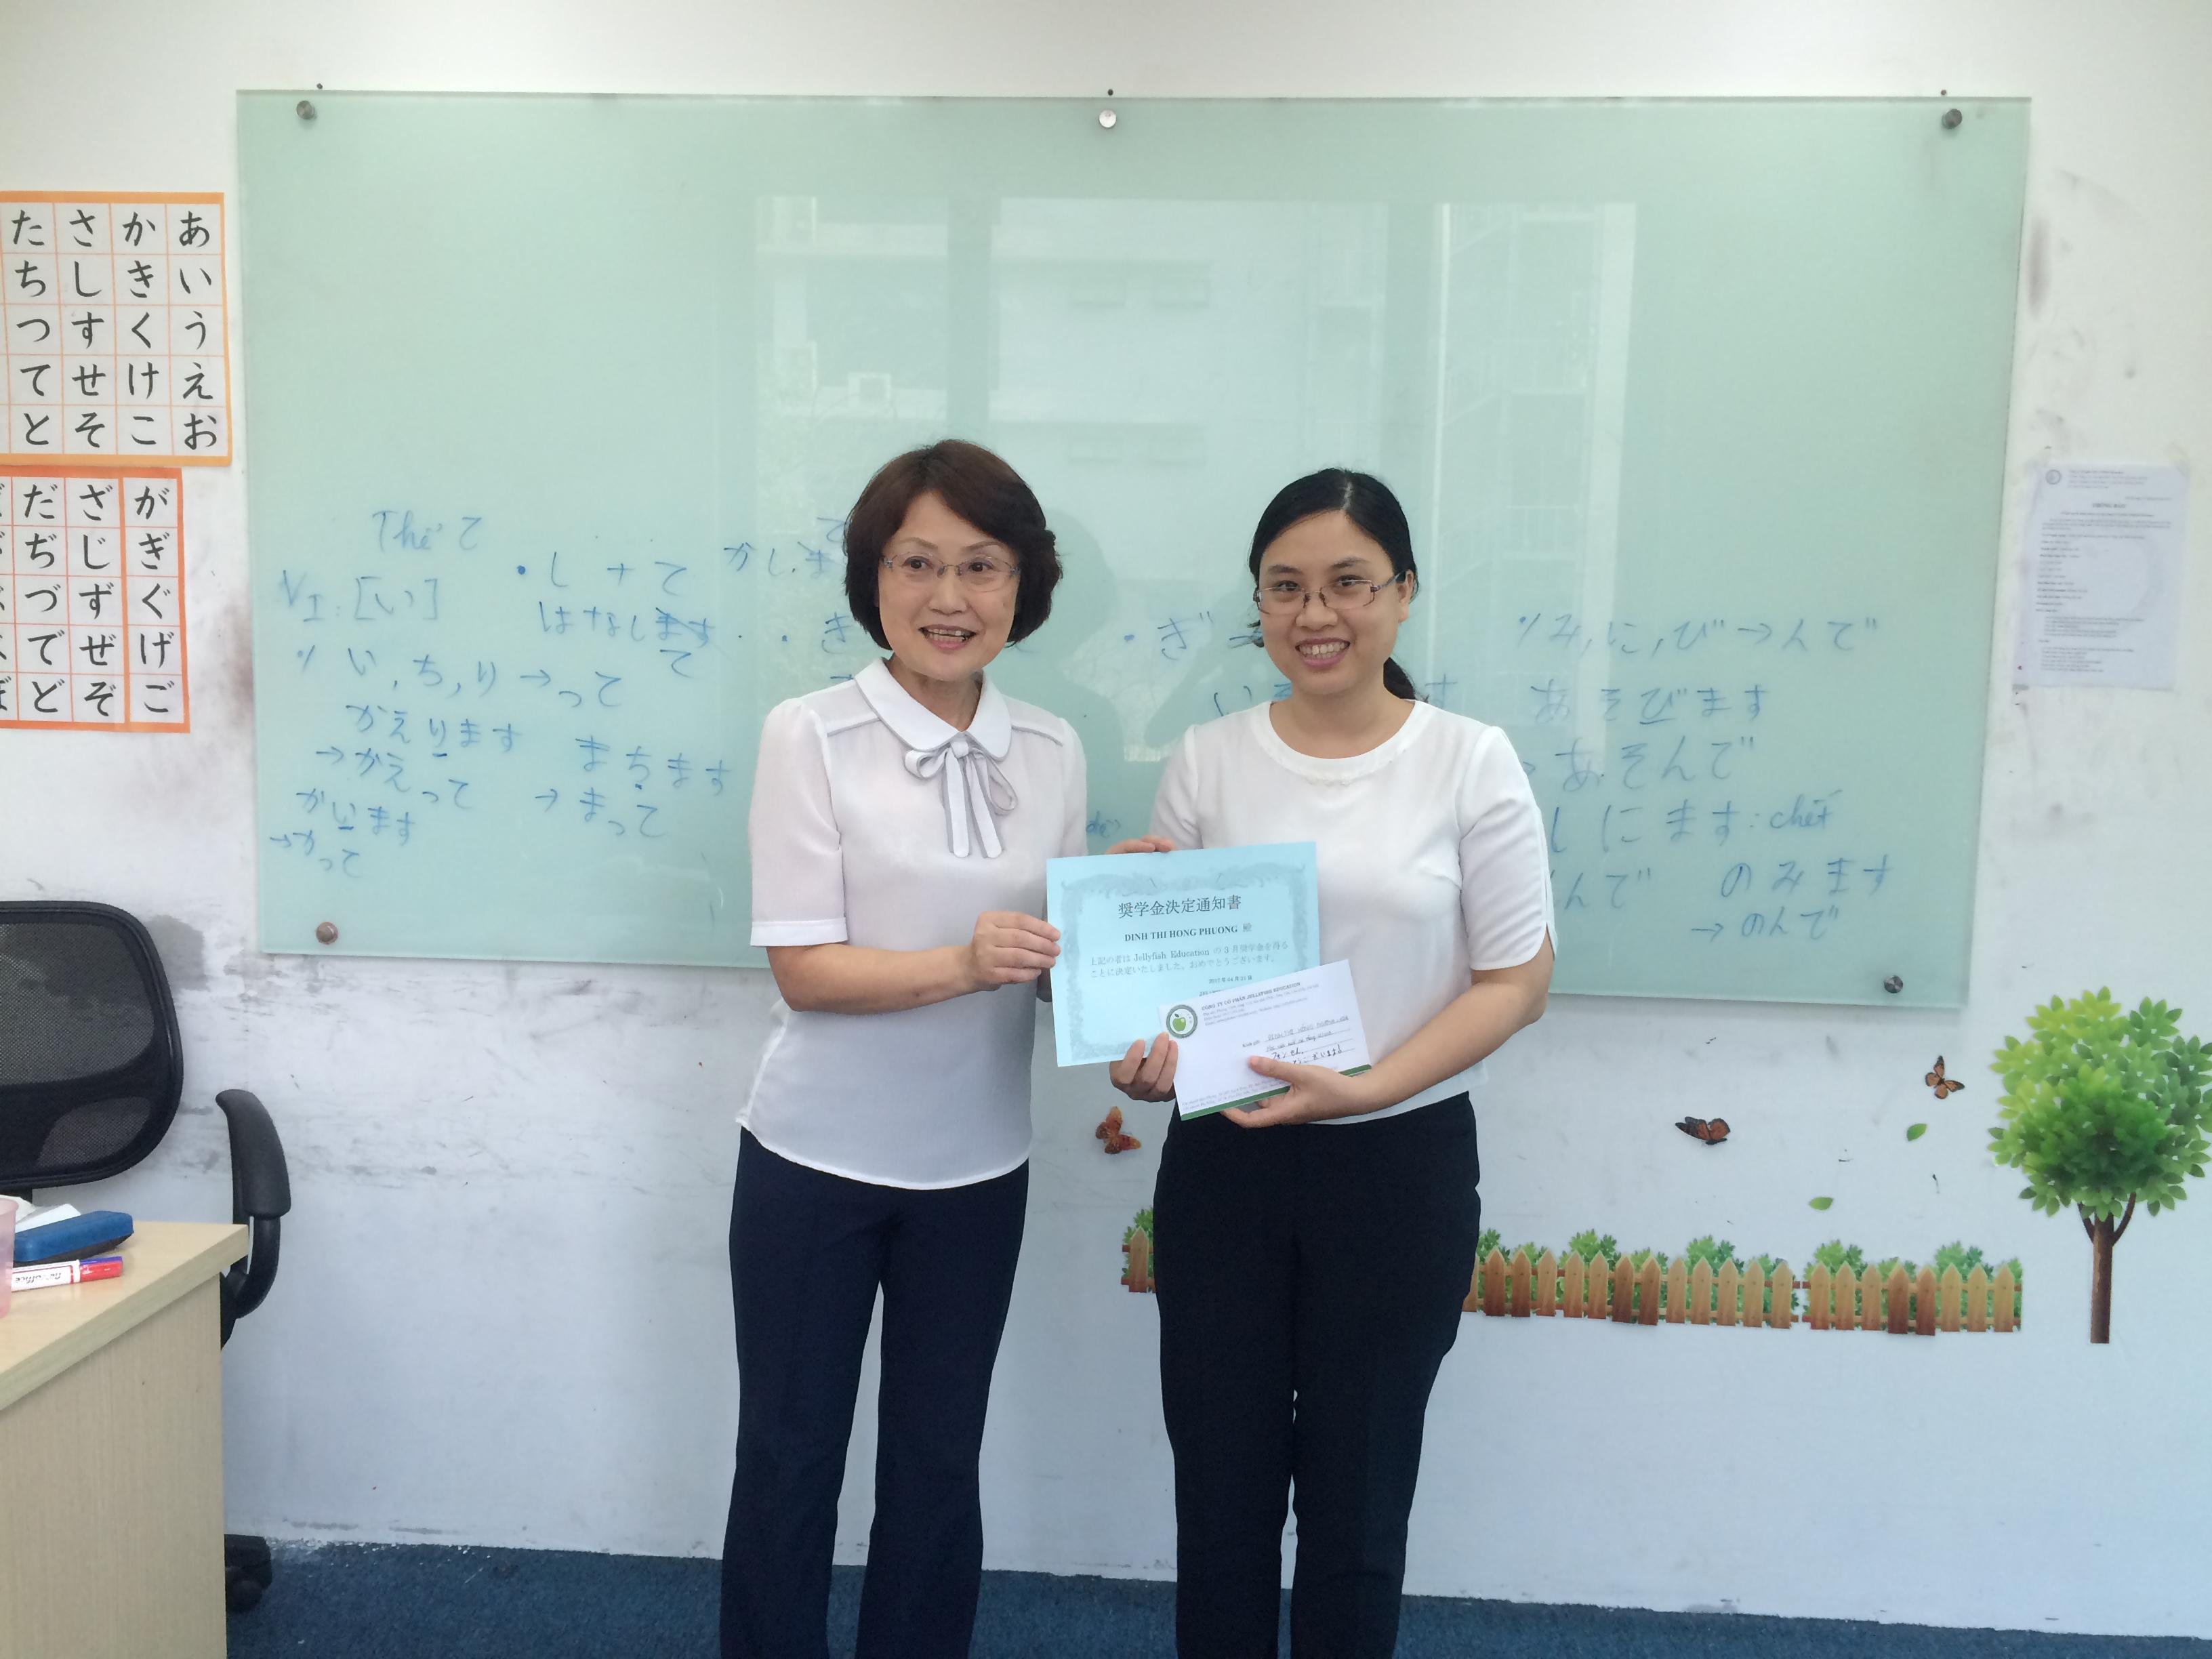 Học viên xuất sắc tháng 3 tại Jellyfish chi nhánh Hà Nội